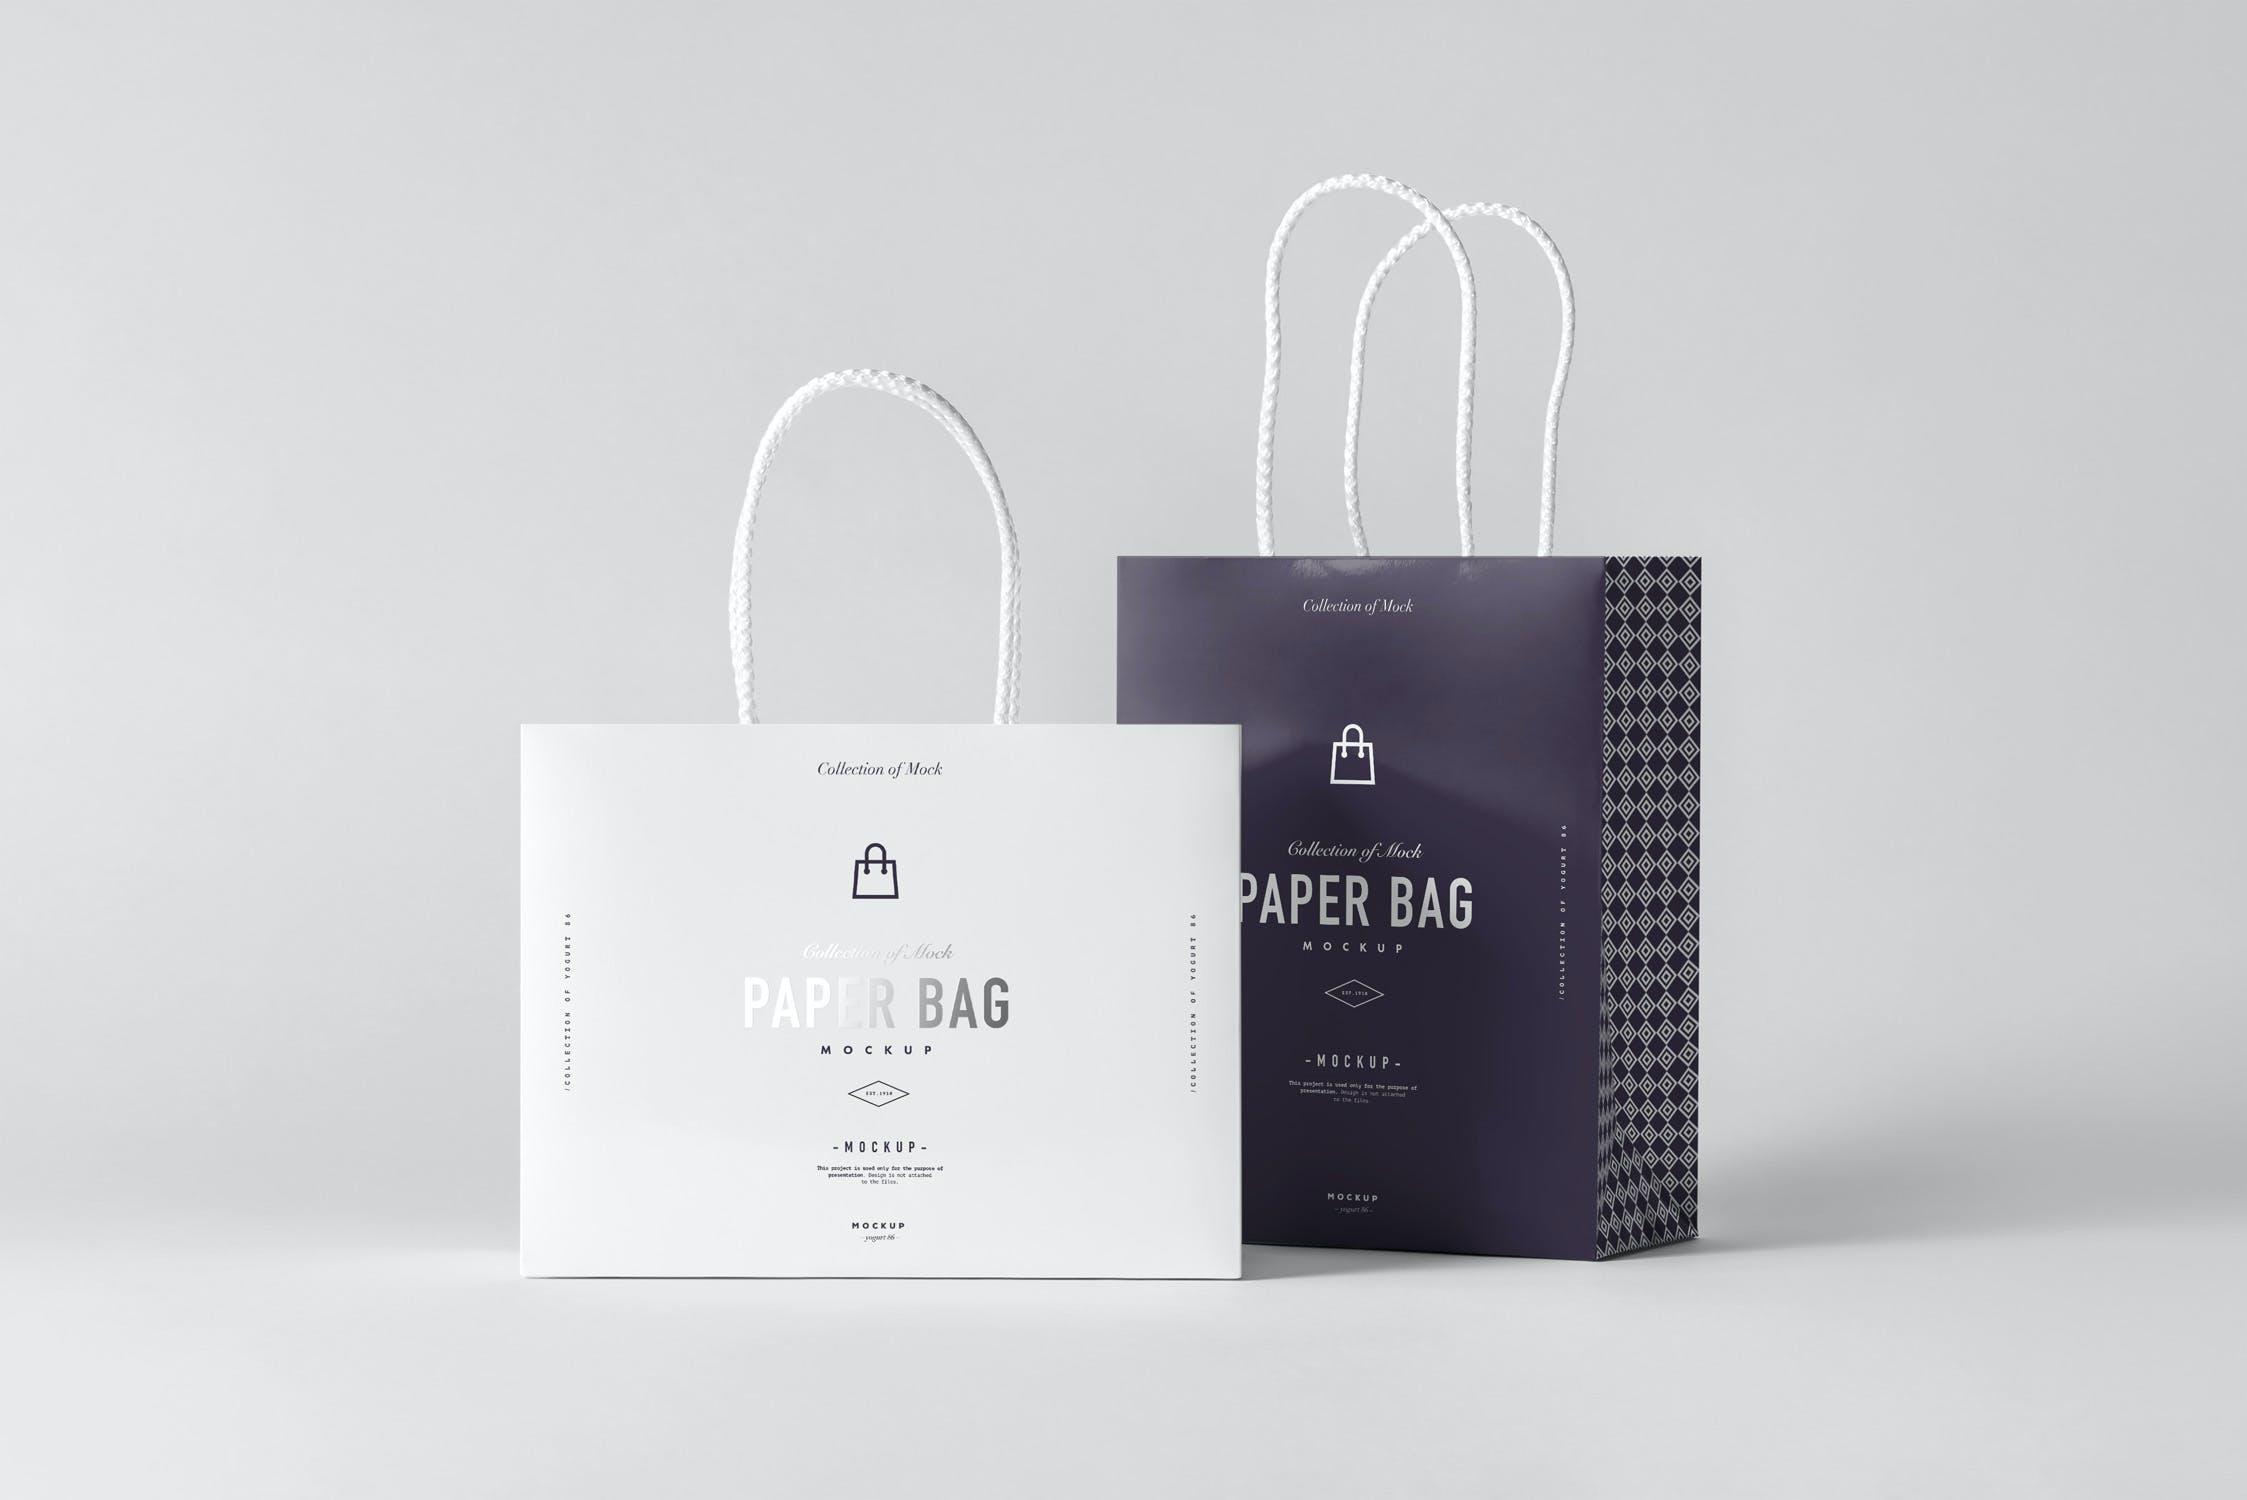 11款购物手提纸袋设计展示样机模板 Paper Bag Mockup 2插图(11)